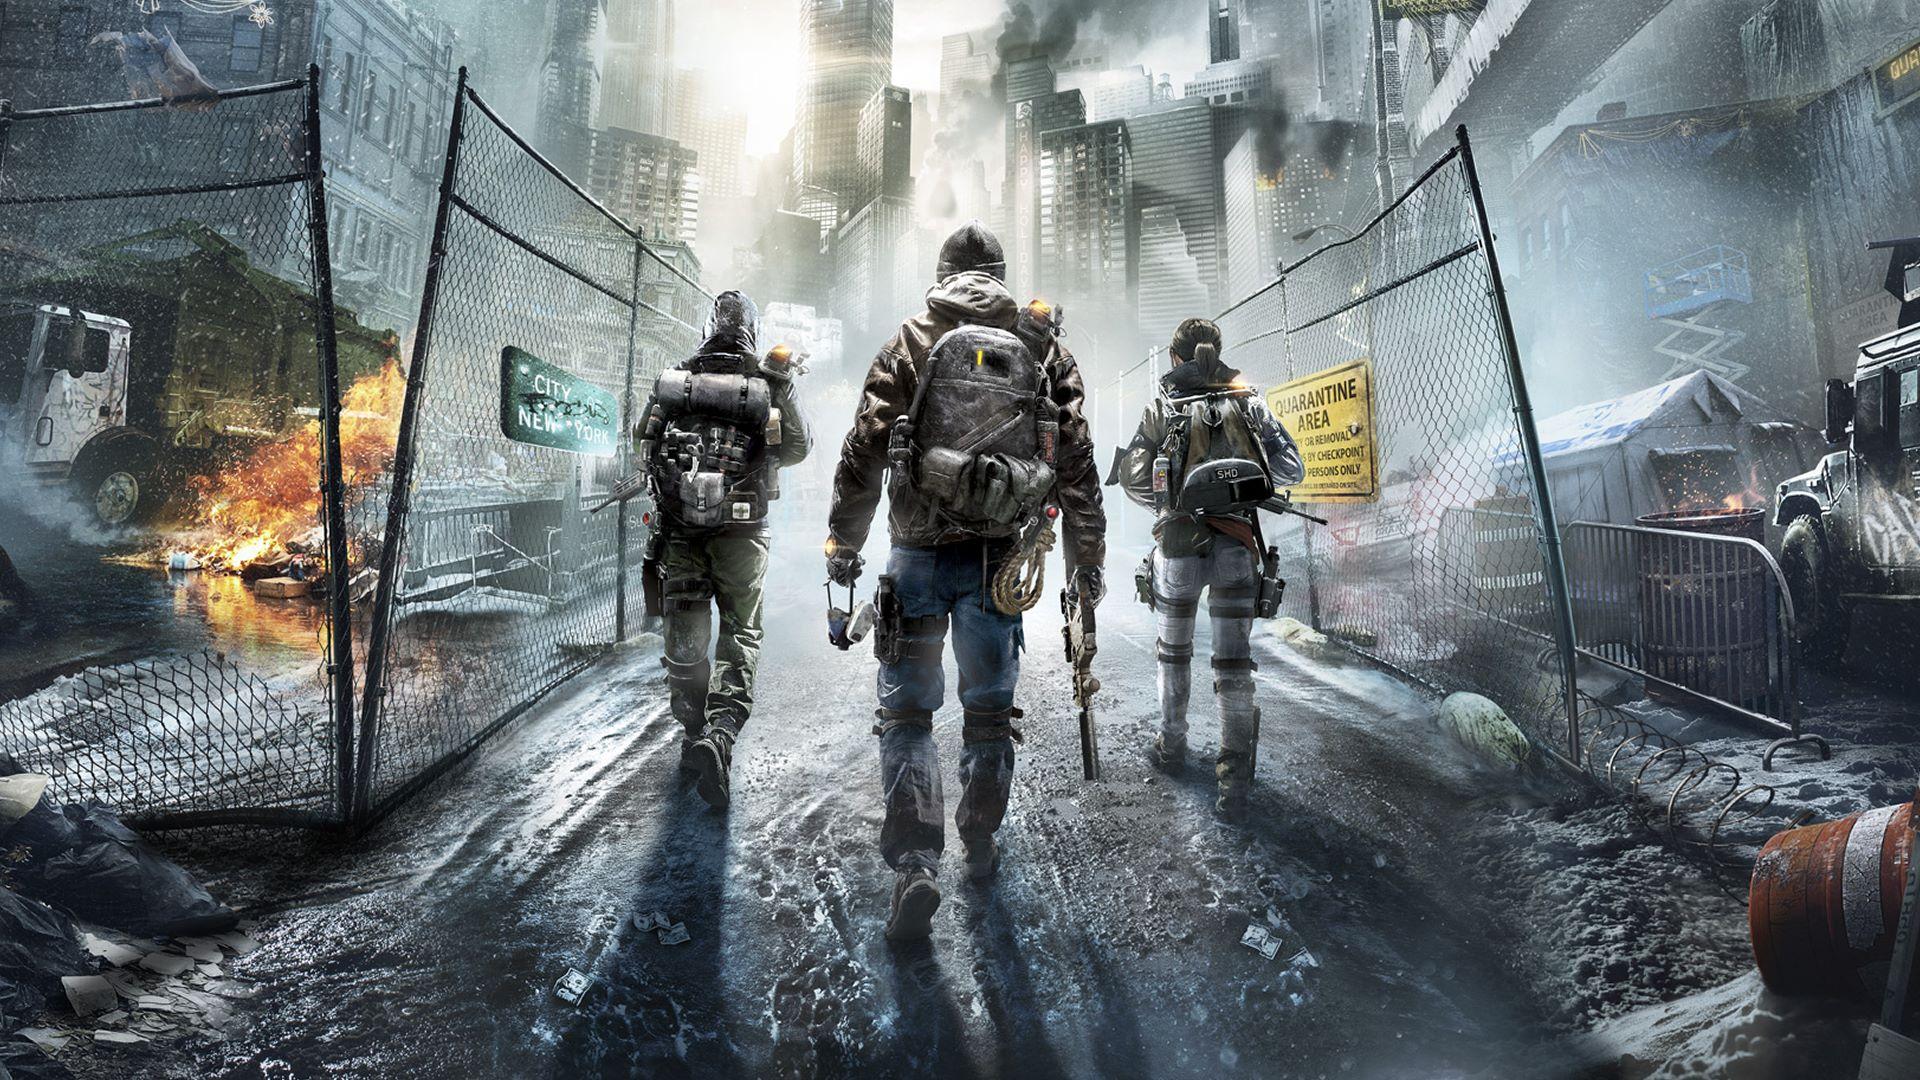 E3 遊戲展次日雜談:《莎木 3》PC 版獨佔 Epic Games Store 引發反彈;新《復仇者聯盟》遊戲預告片驚鴻一瞥